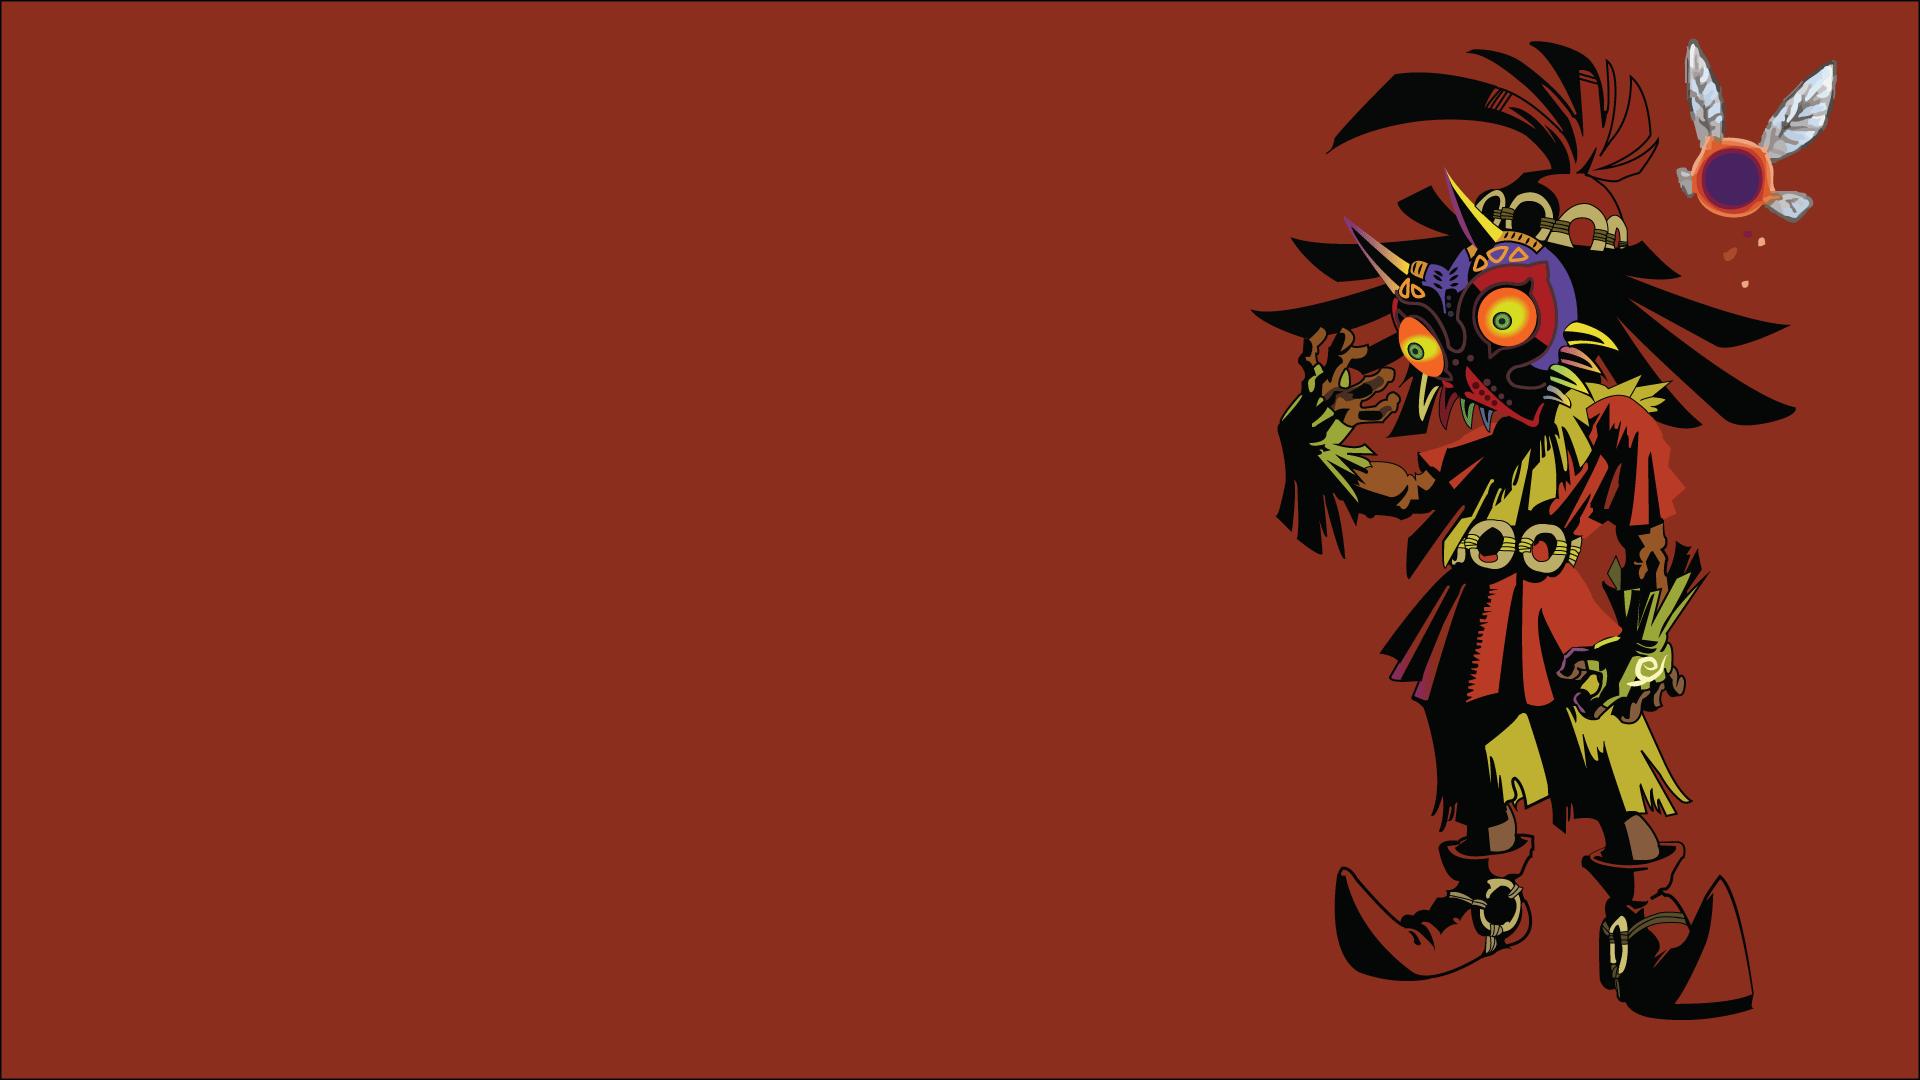 Zelda The Legend Of Red Background Video Games Majoras Mask Skull